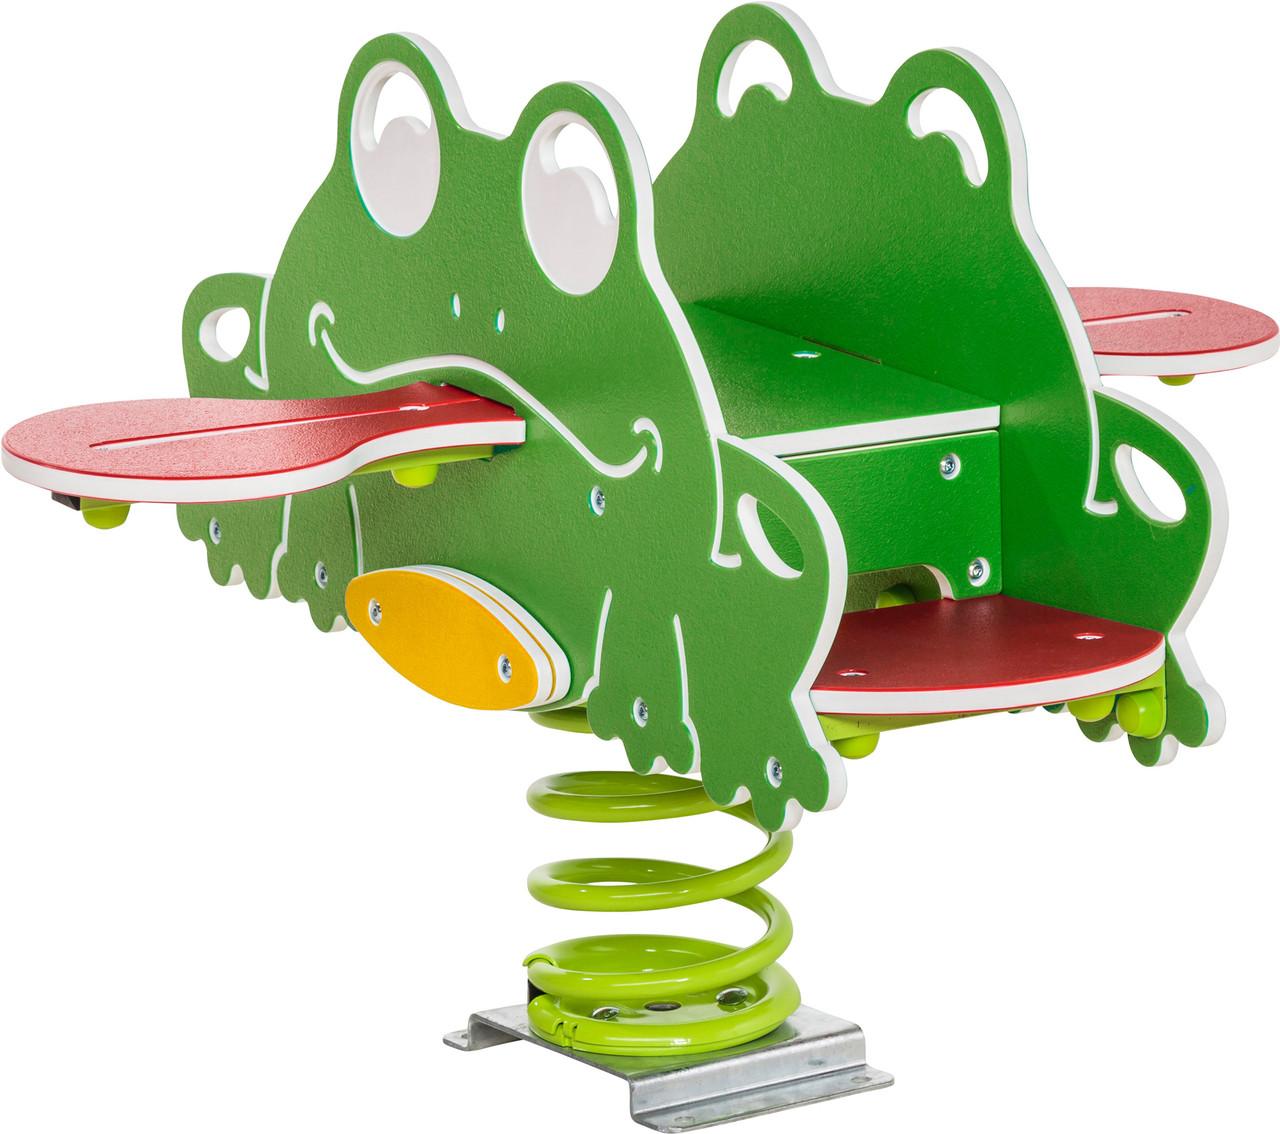 Качалка на пружине KBT Лягушки из HDPE пластика (полный комплект)